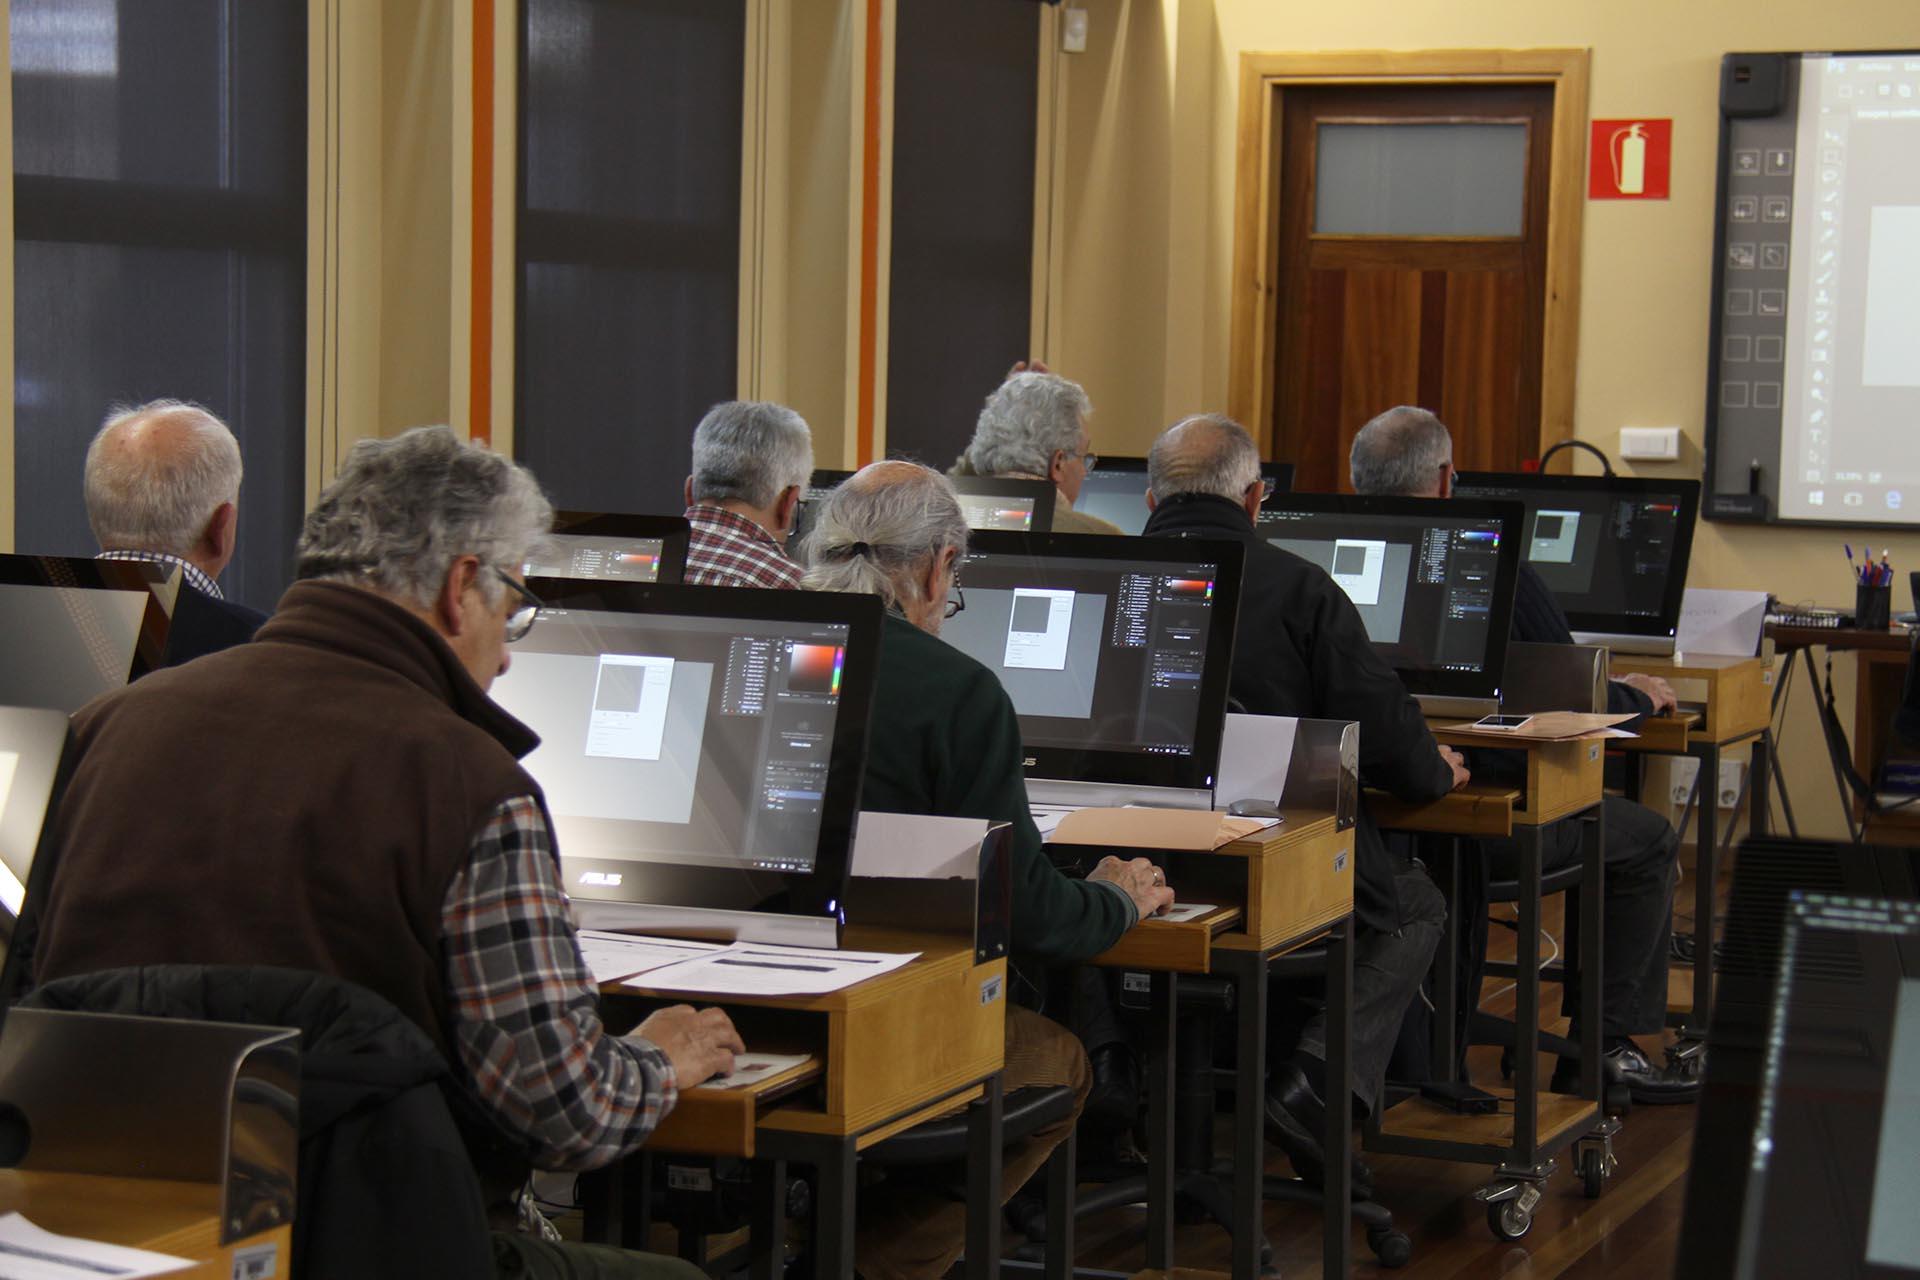 Informática e imagen